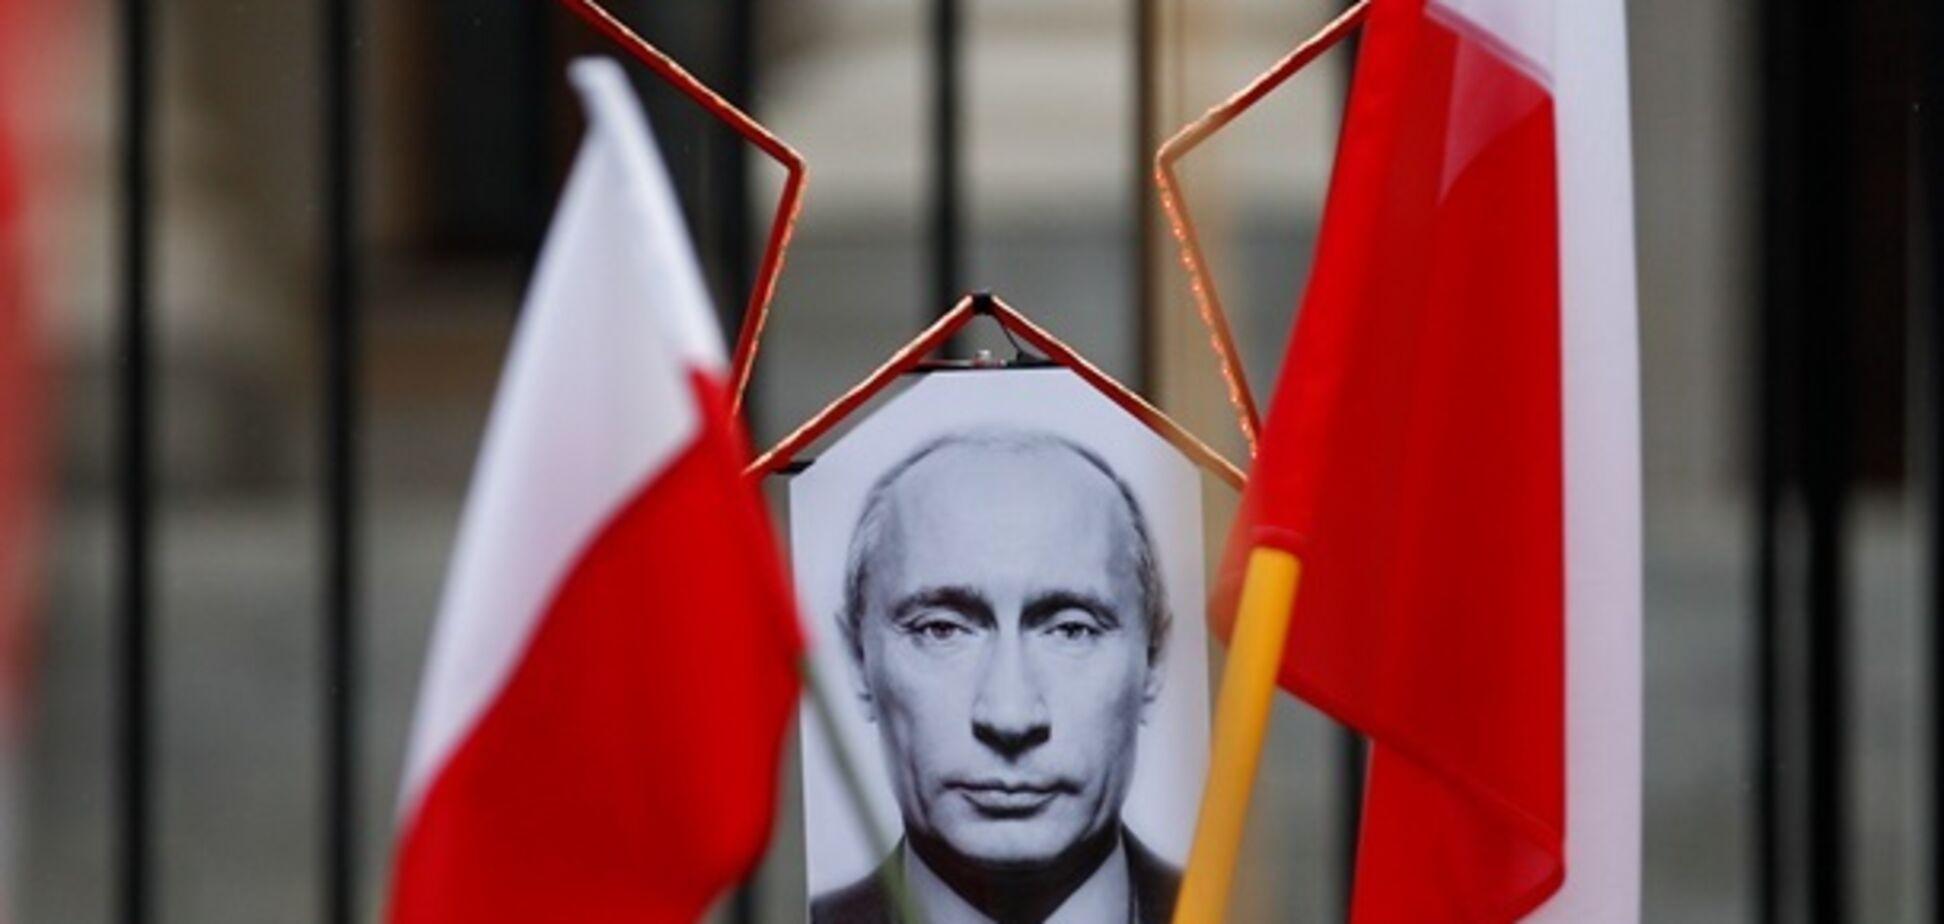 Забыли показать мертвых моряков 'Курска' и детей Беслана: в Кремле прикрыли 'кровавое' прошлое Путина